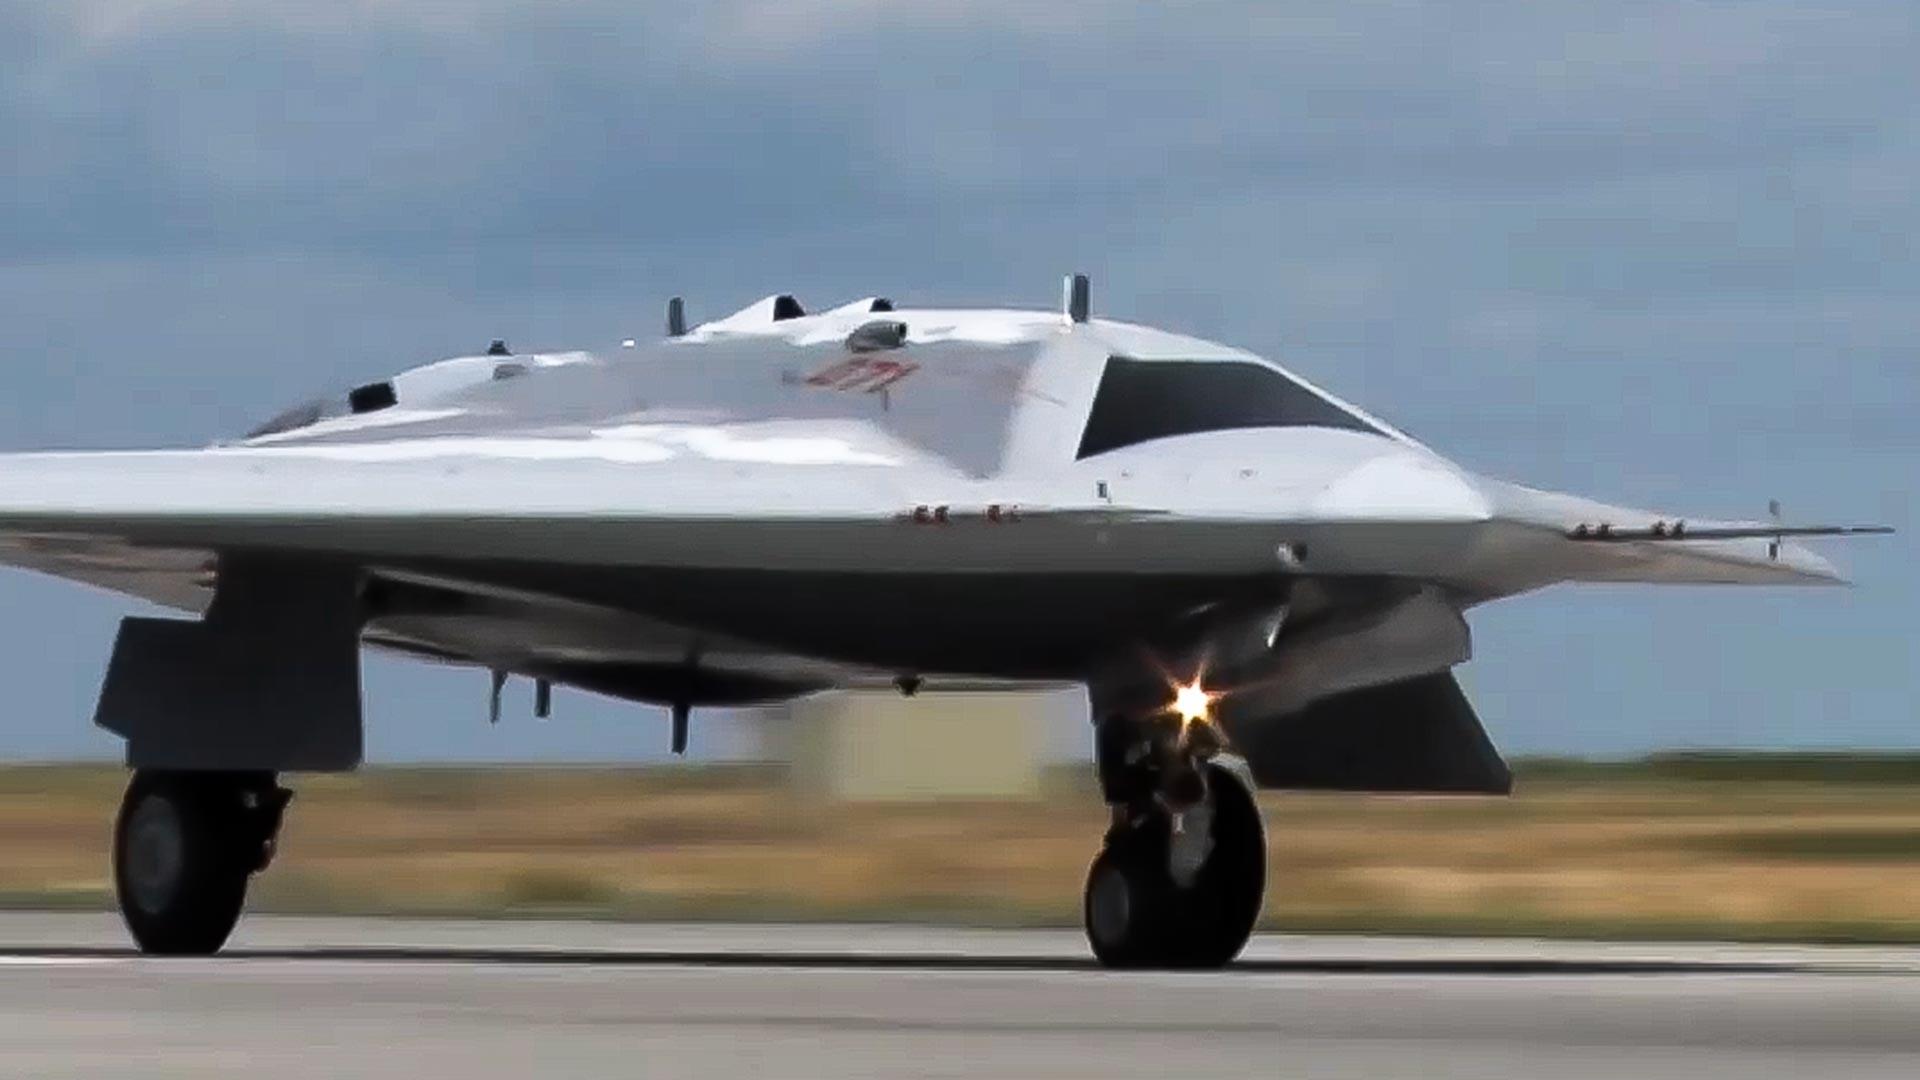 """Први лет најновије беспилотне летелице """"Охотник"""" која треба да постане први тешки дрон са јуришним функцијама у Оружаним снагама РФ."""